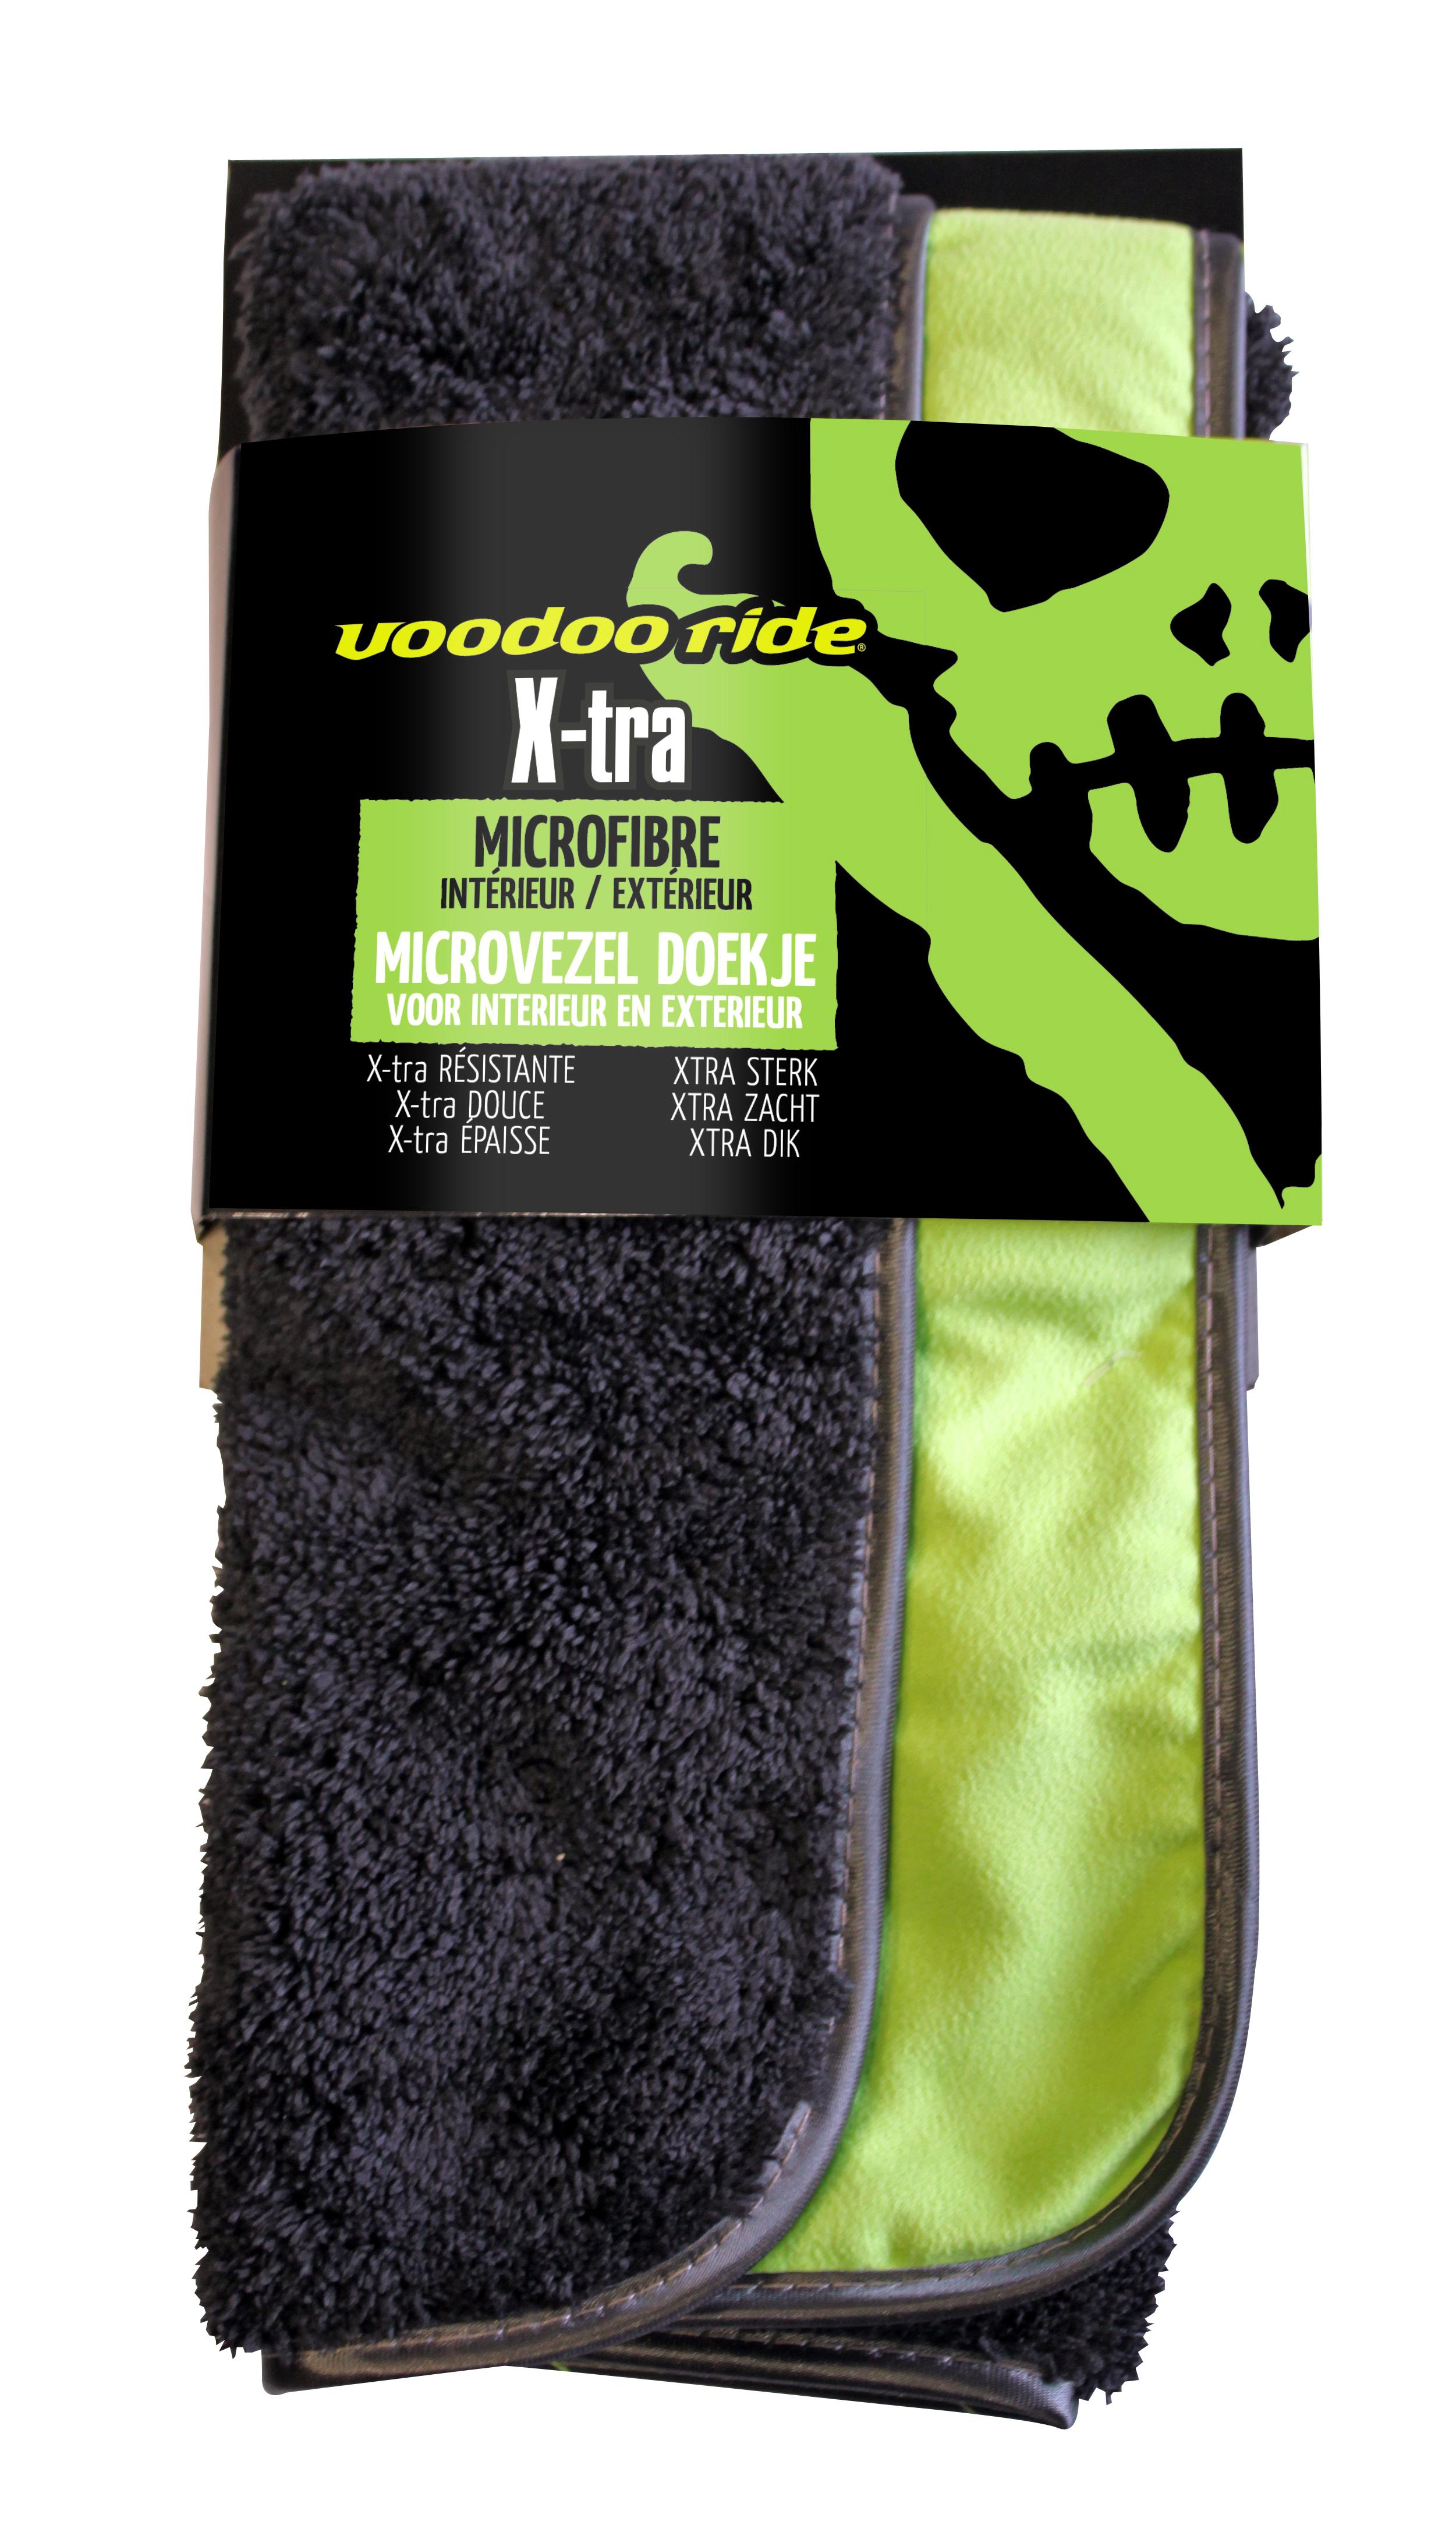 Voodoo ride microfiber microvezel doek voordelig geprijsd - Mandje doek doek ...